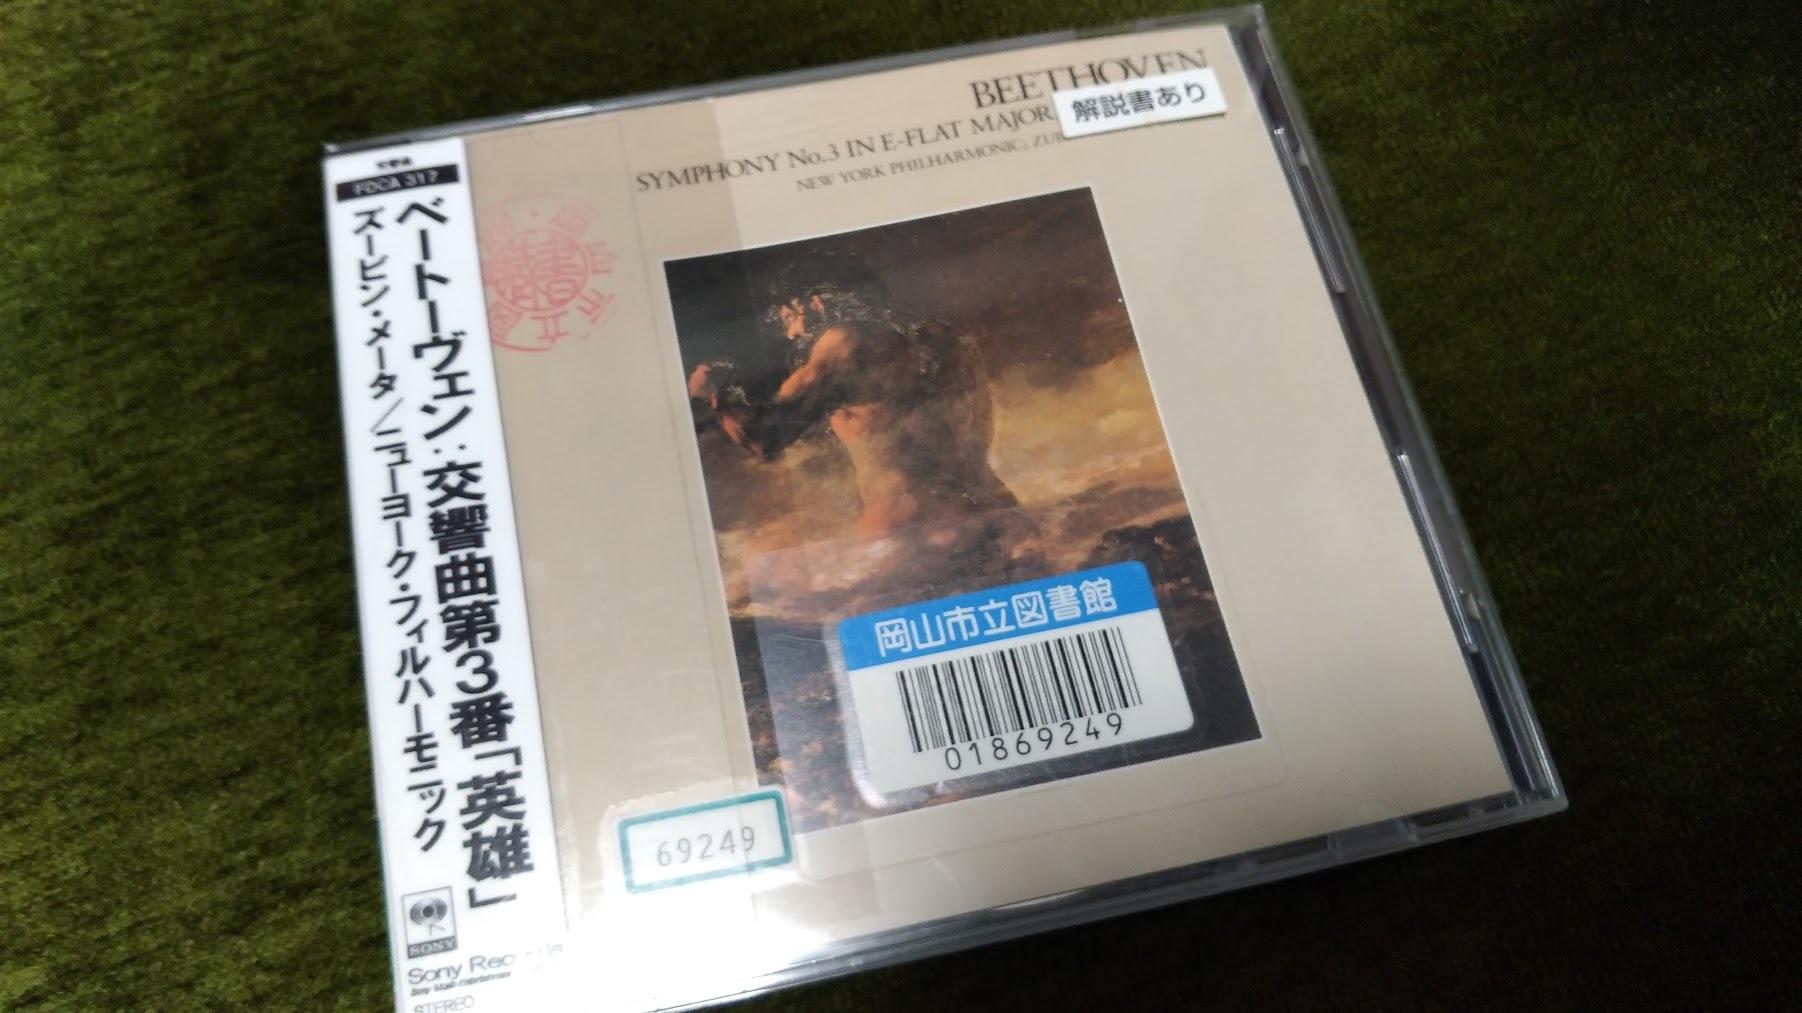 ベートーヴェン「英雄」聞き比べ 続き_f0098083_16230338.jpg